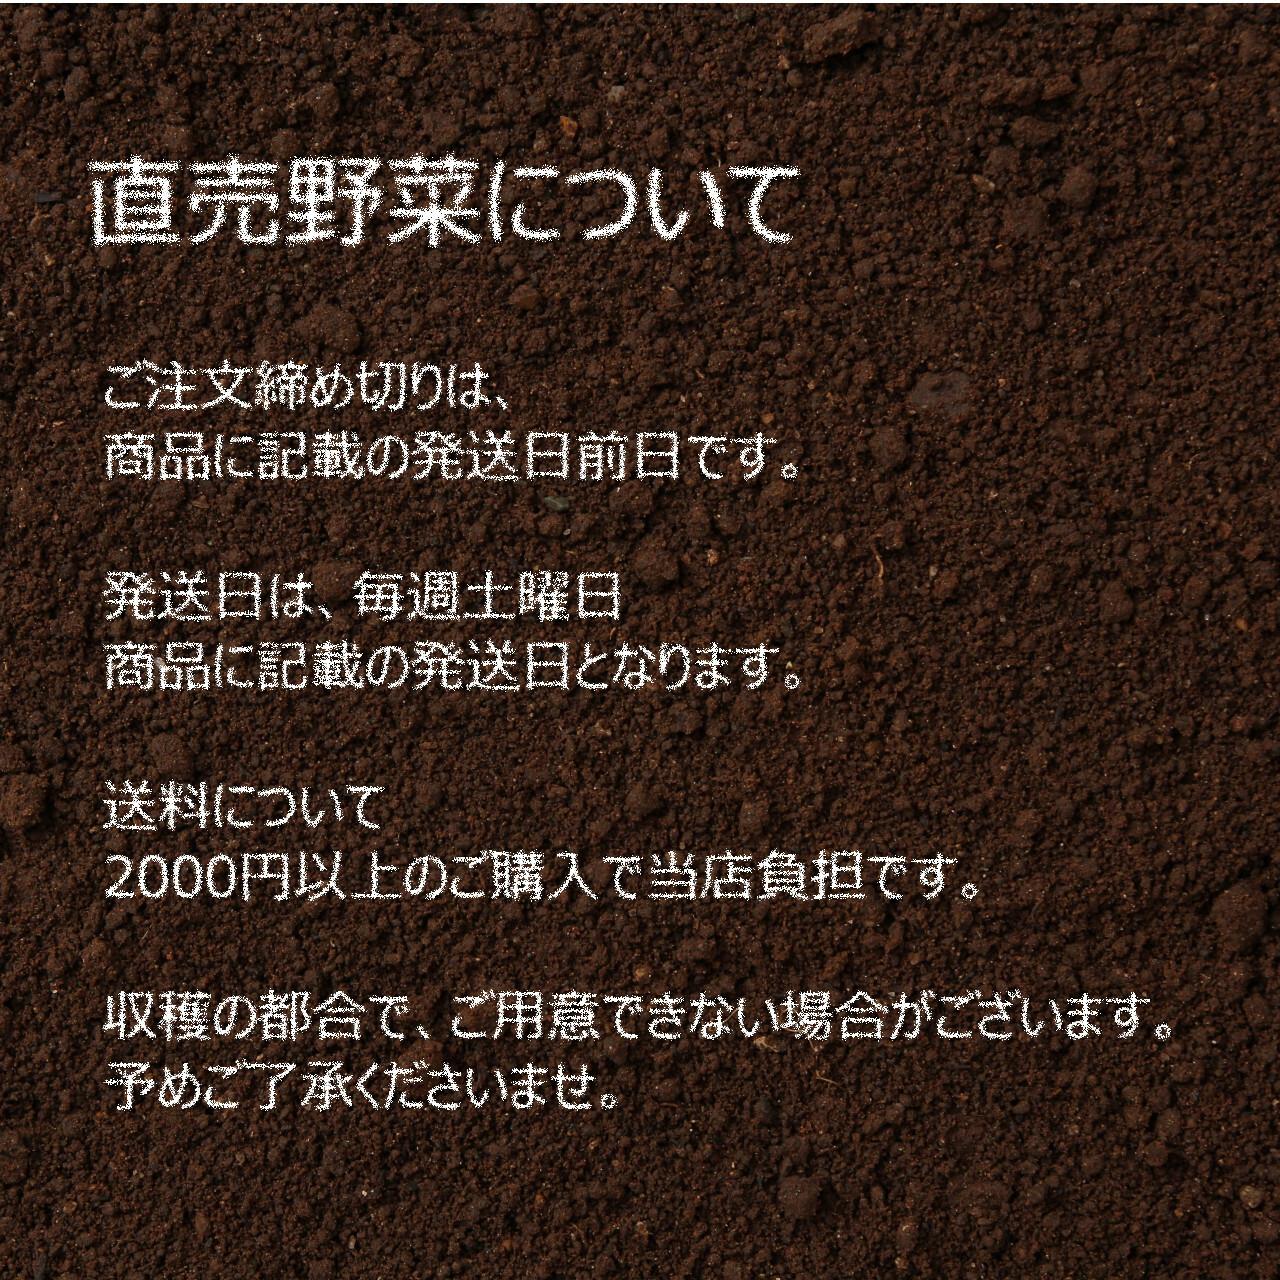 スナップエンドウ 約300g : 6月の朝採り直売野菜  6月22日発送予定